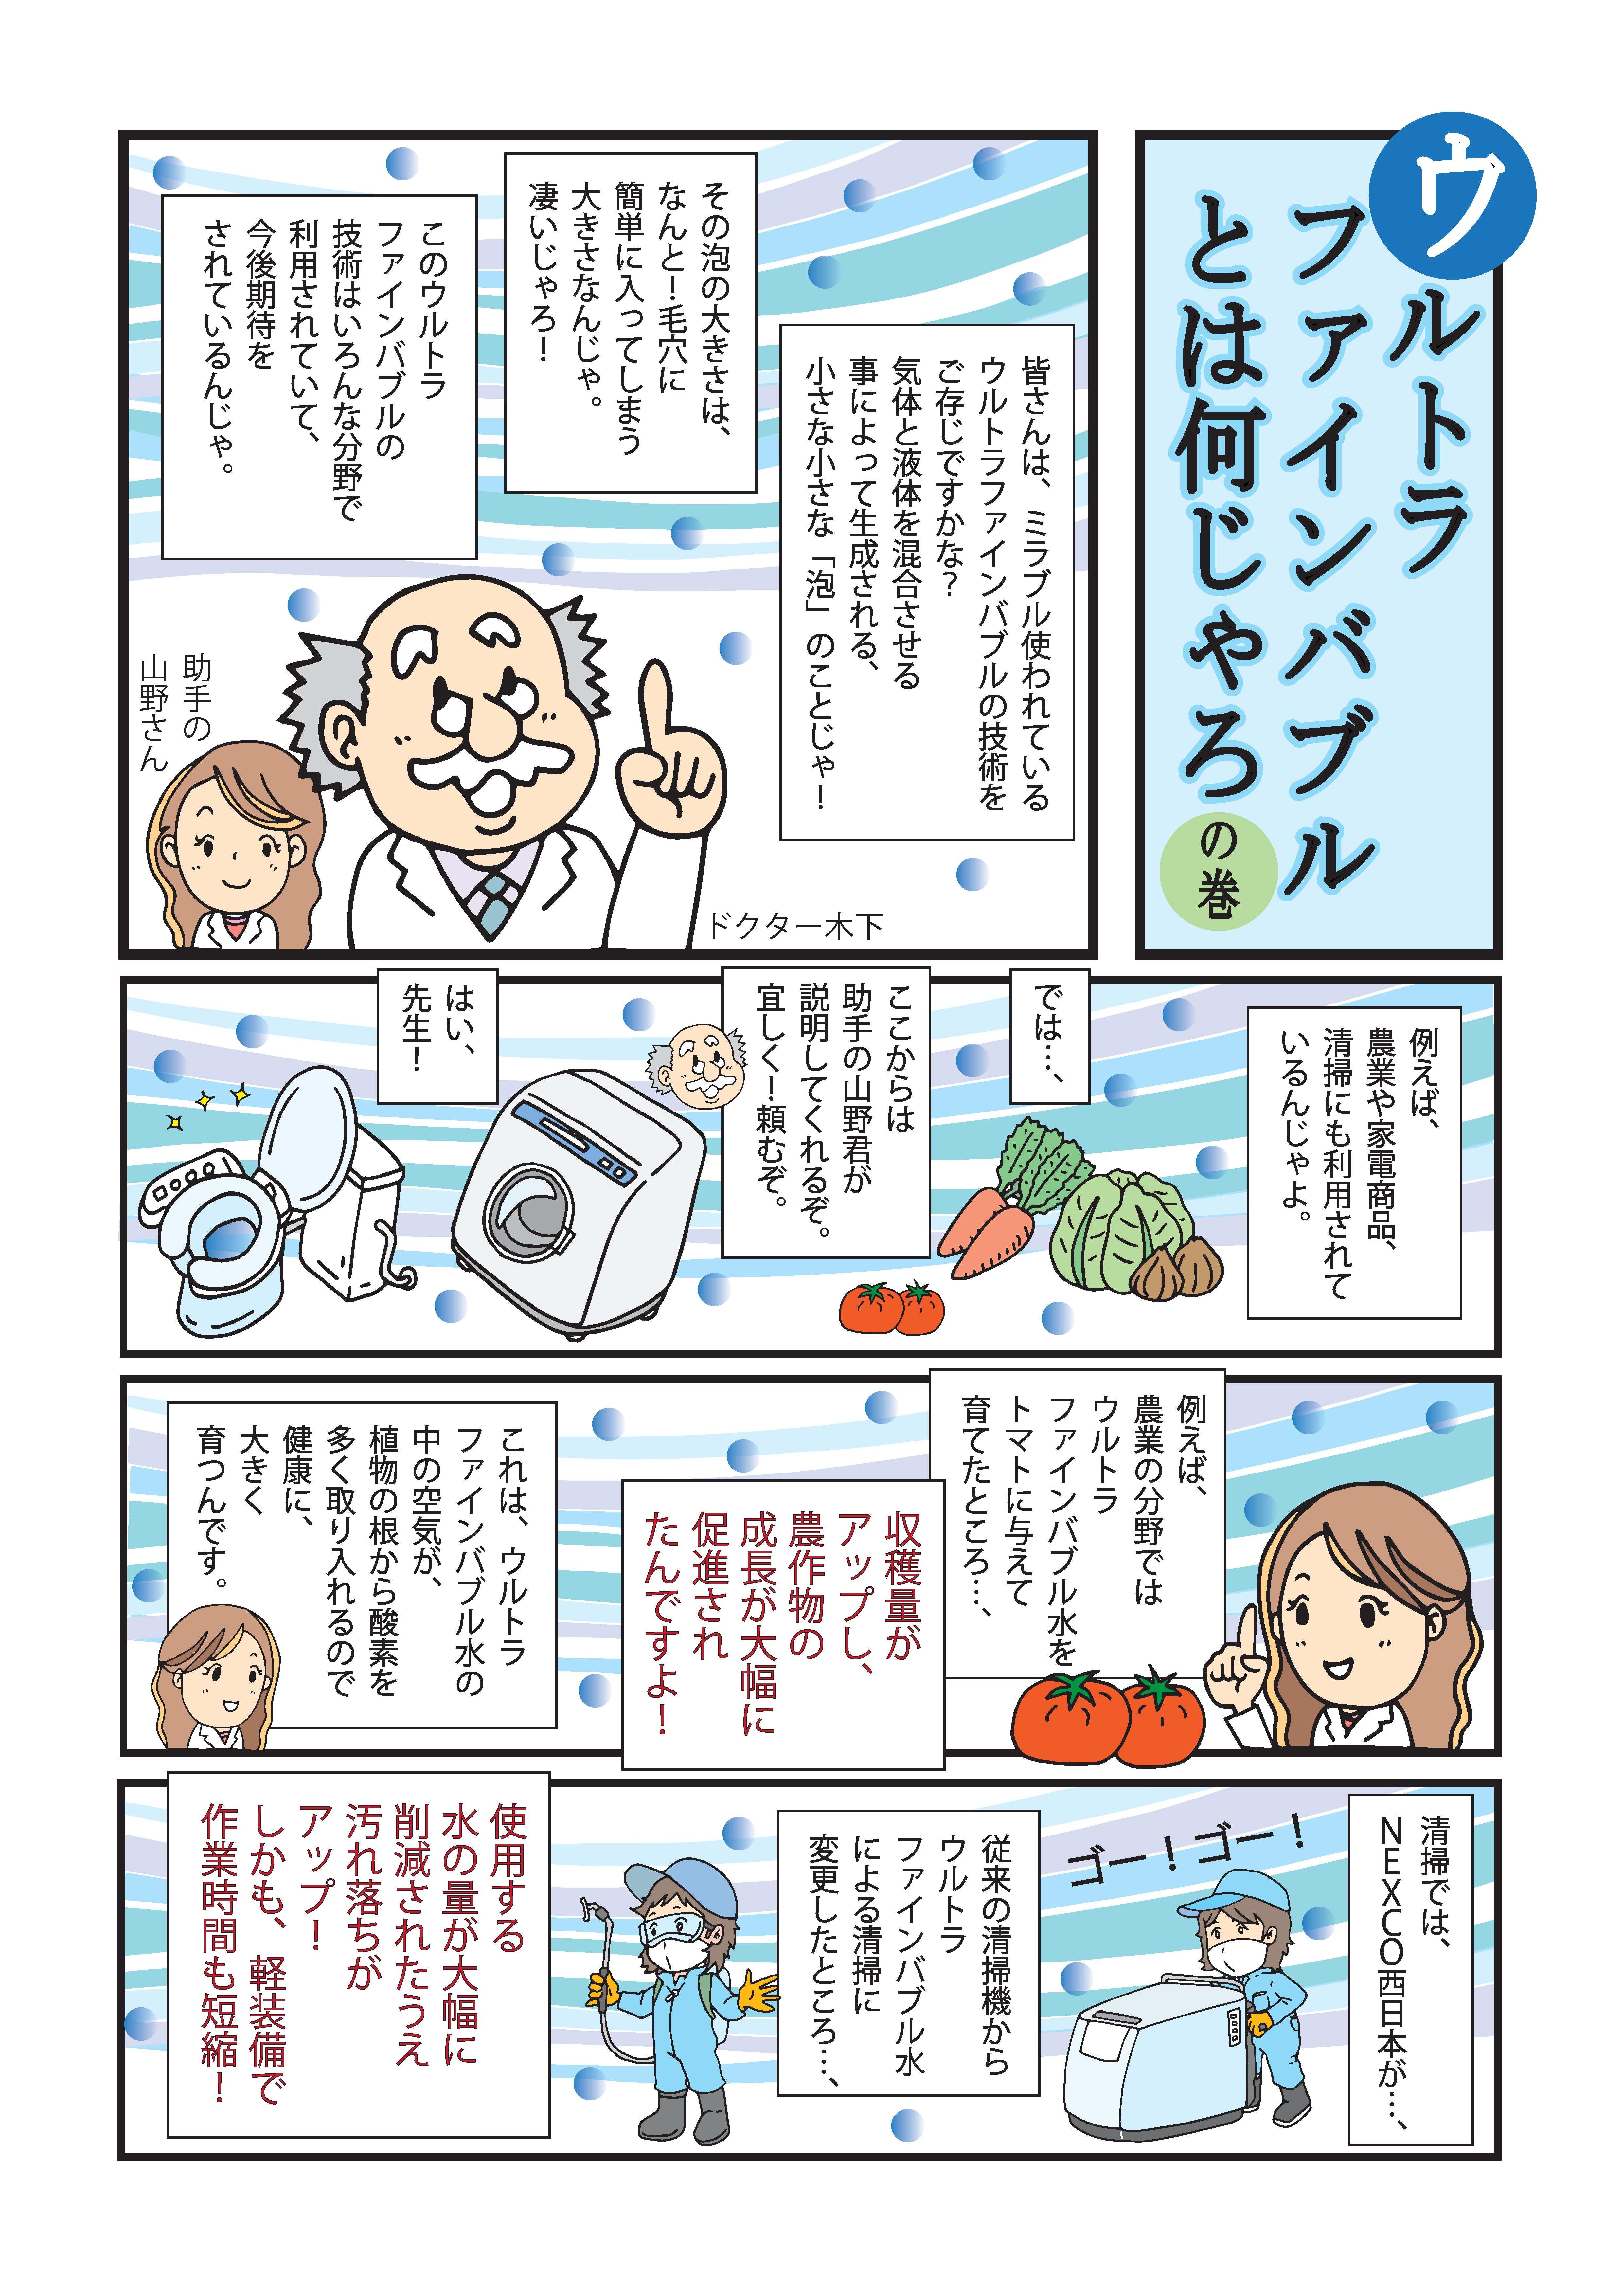 ミラブル企画裏話漫画「ウルトラファインバブルとは何じゃろ」の巻